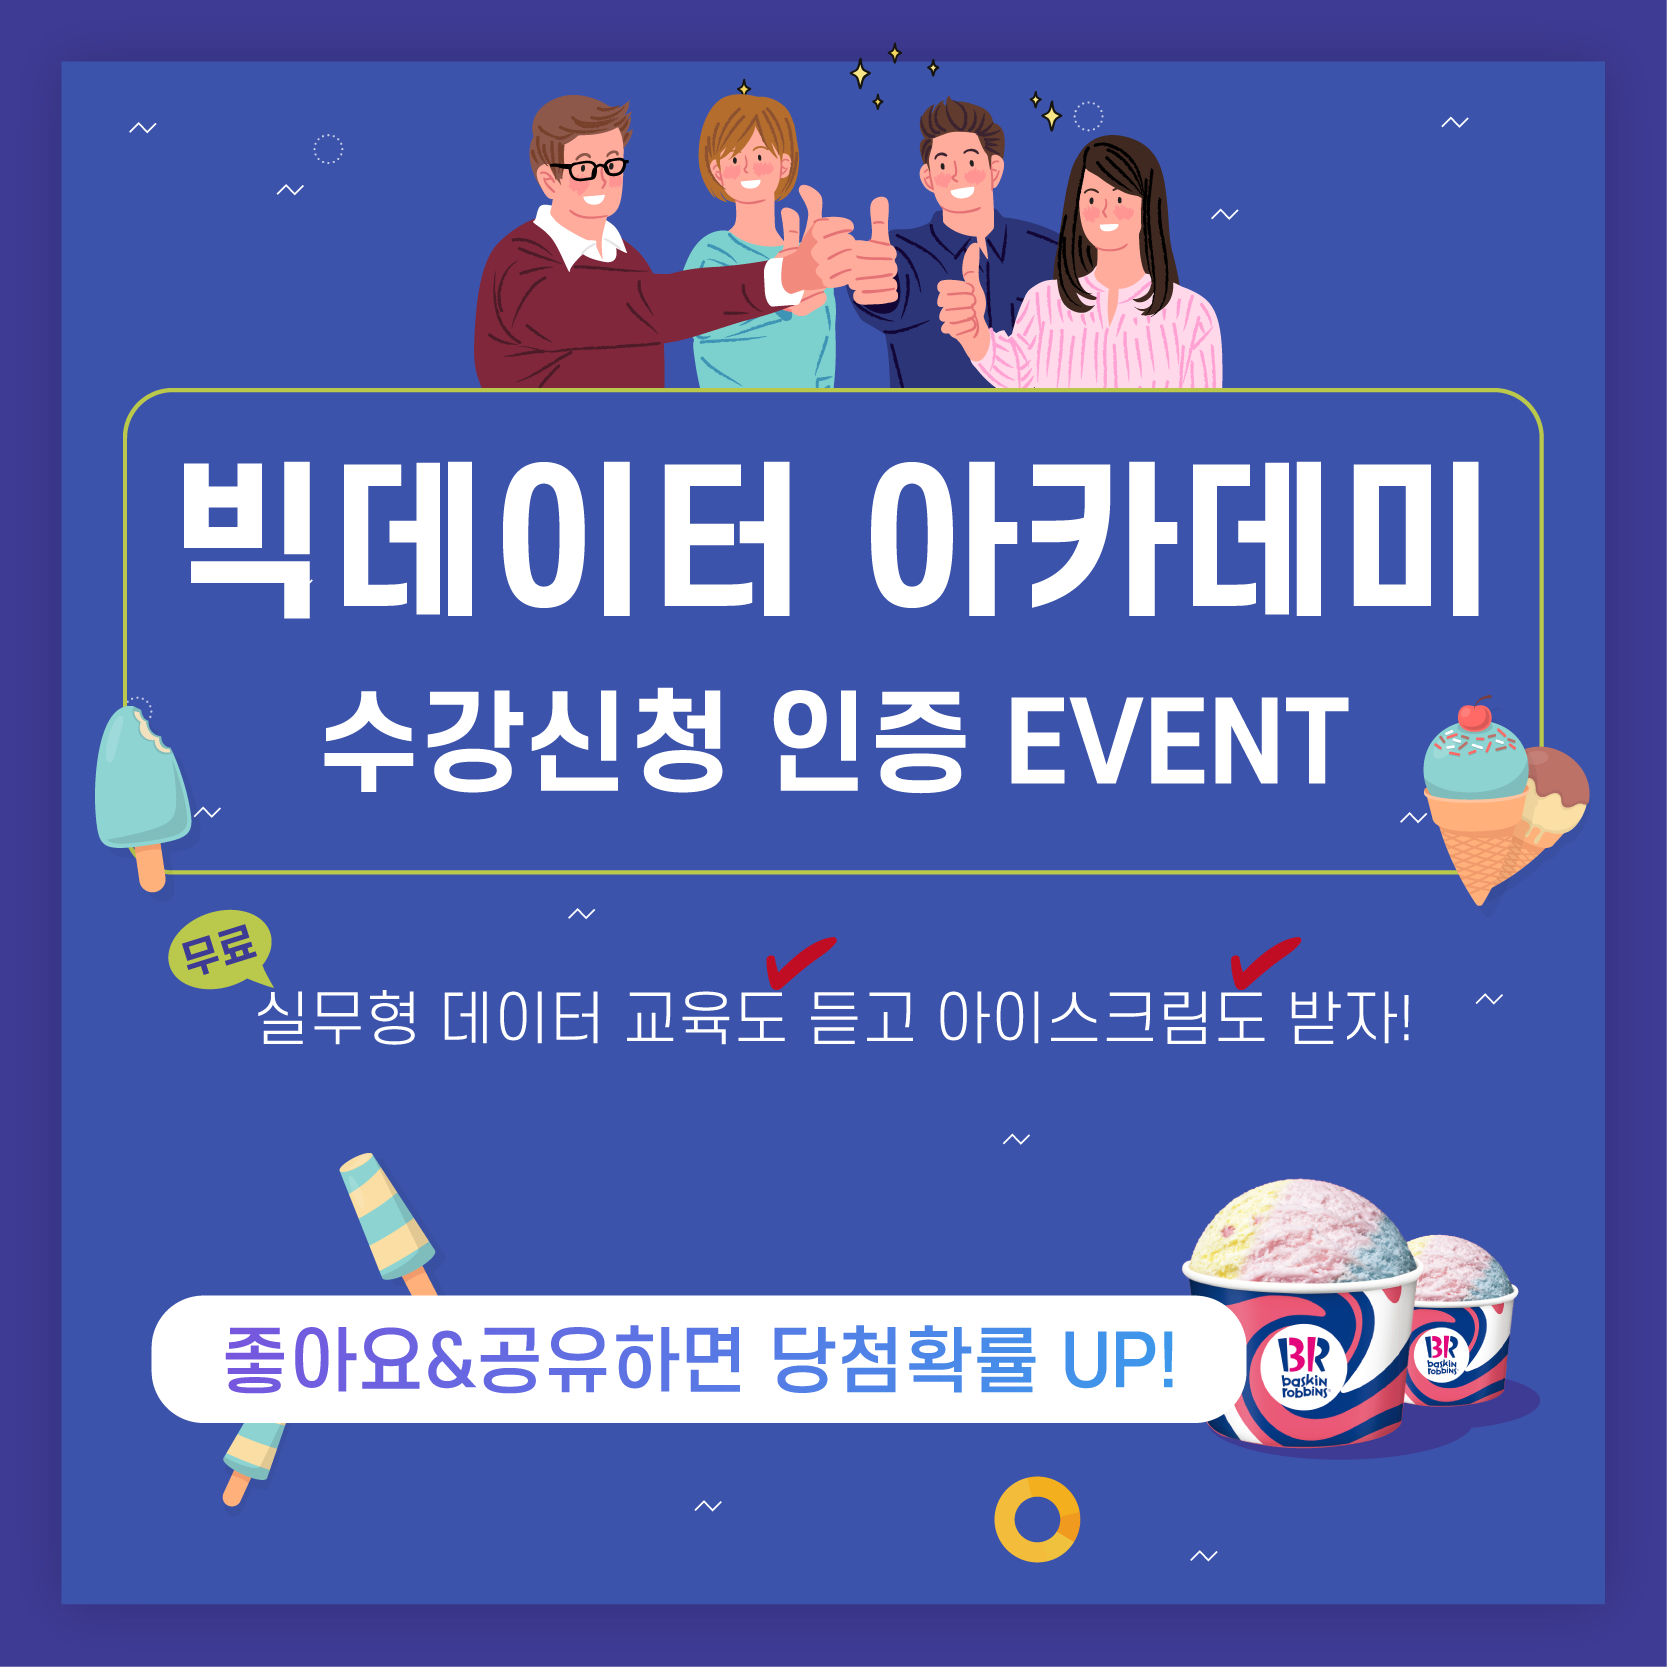 빅데이터 아카데미 수강신청 인증 이벤트 팝업 링크 이동